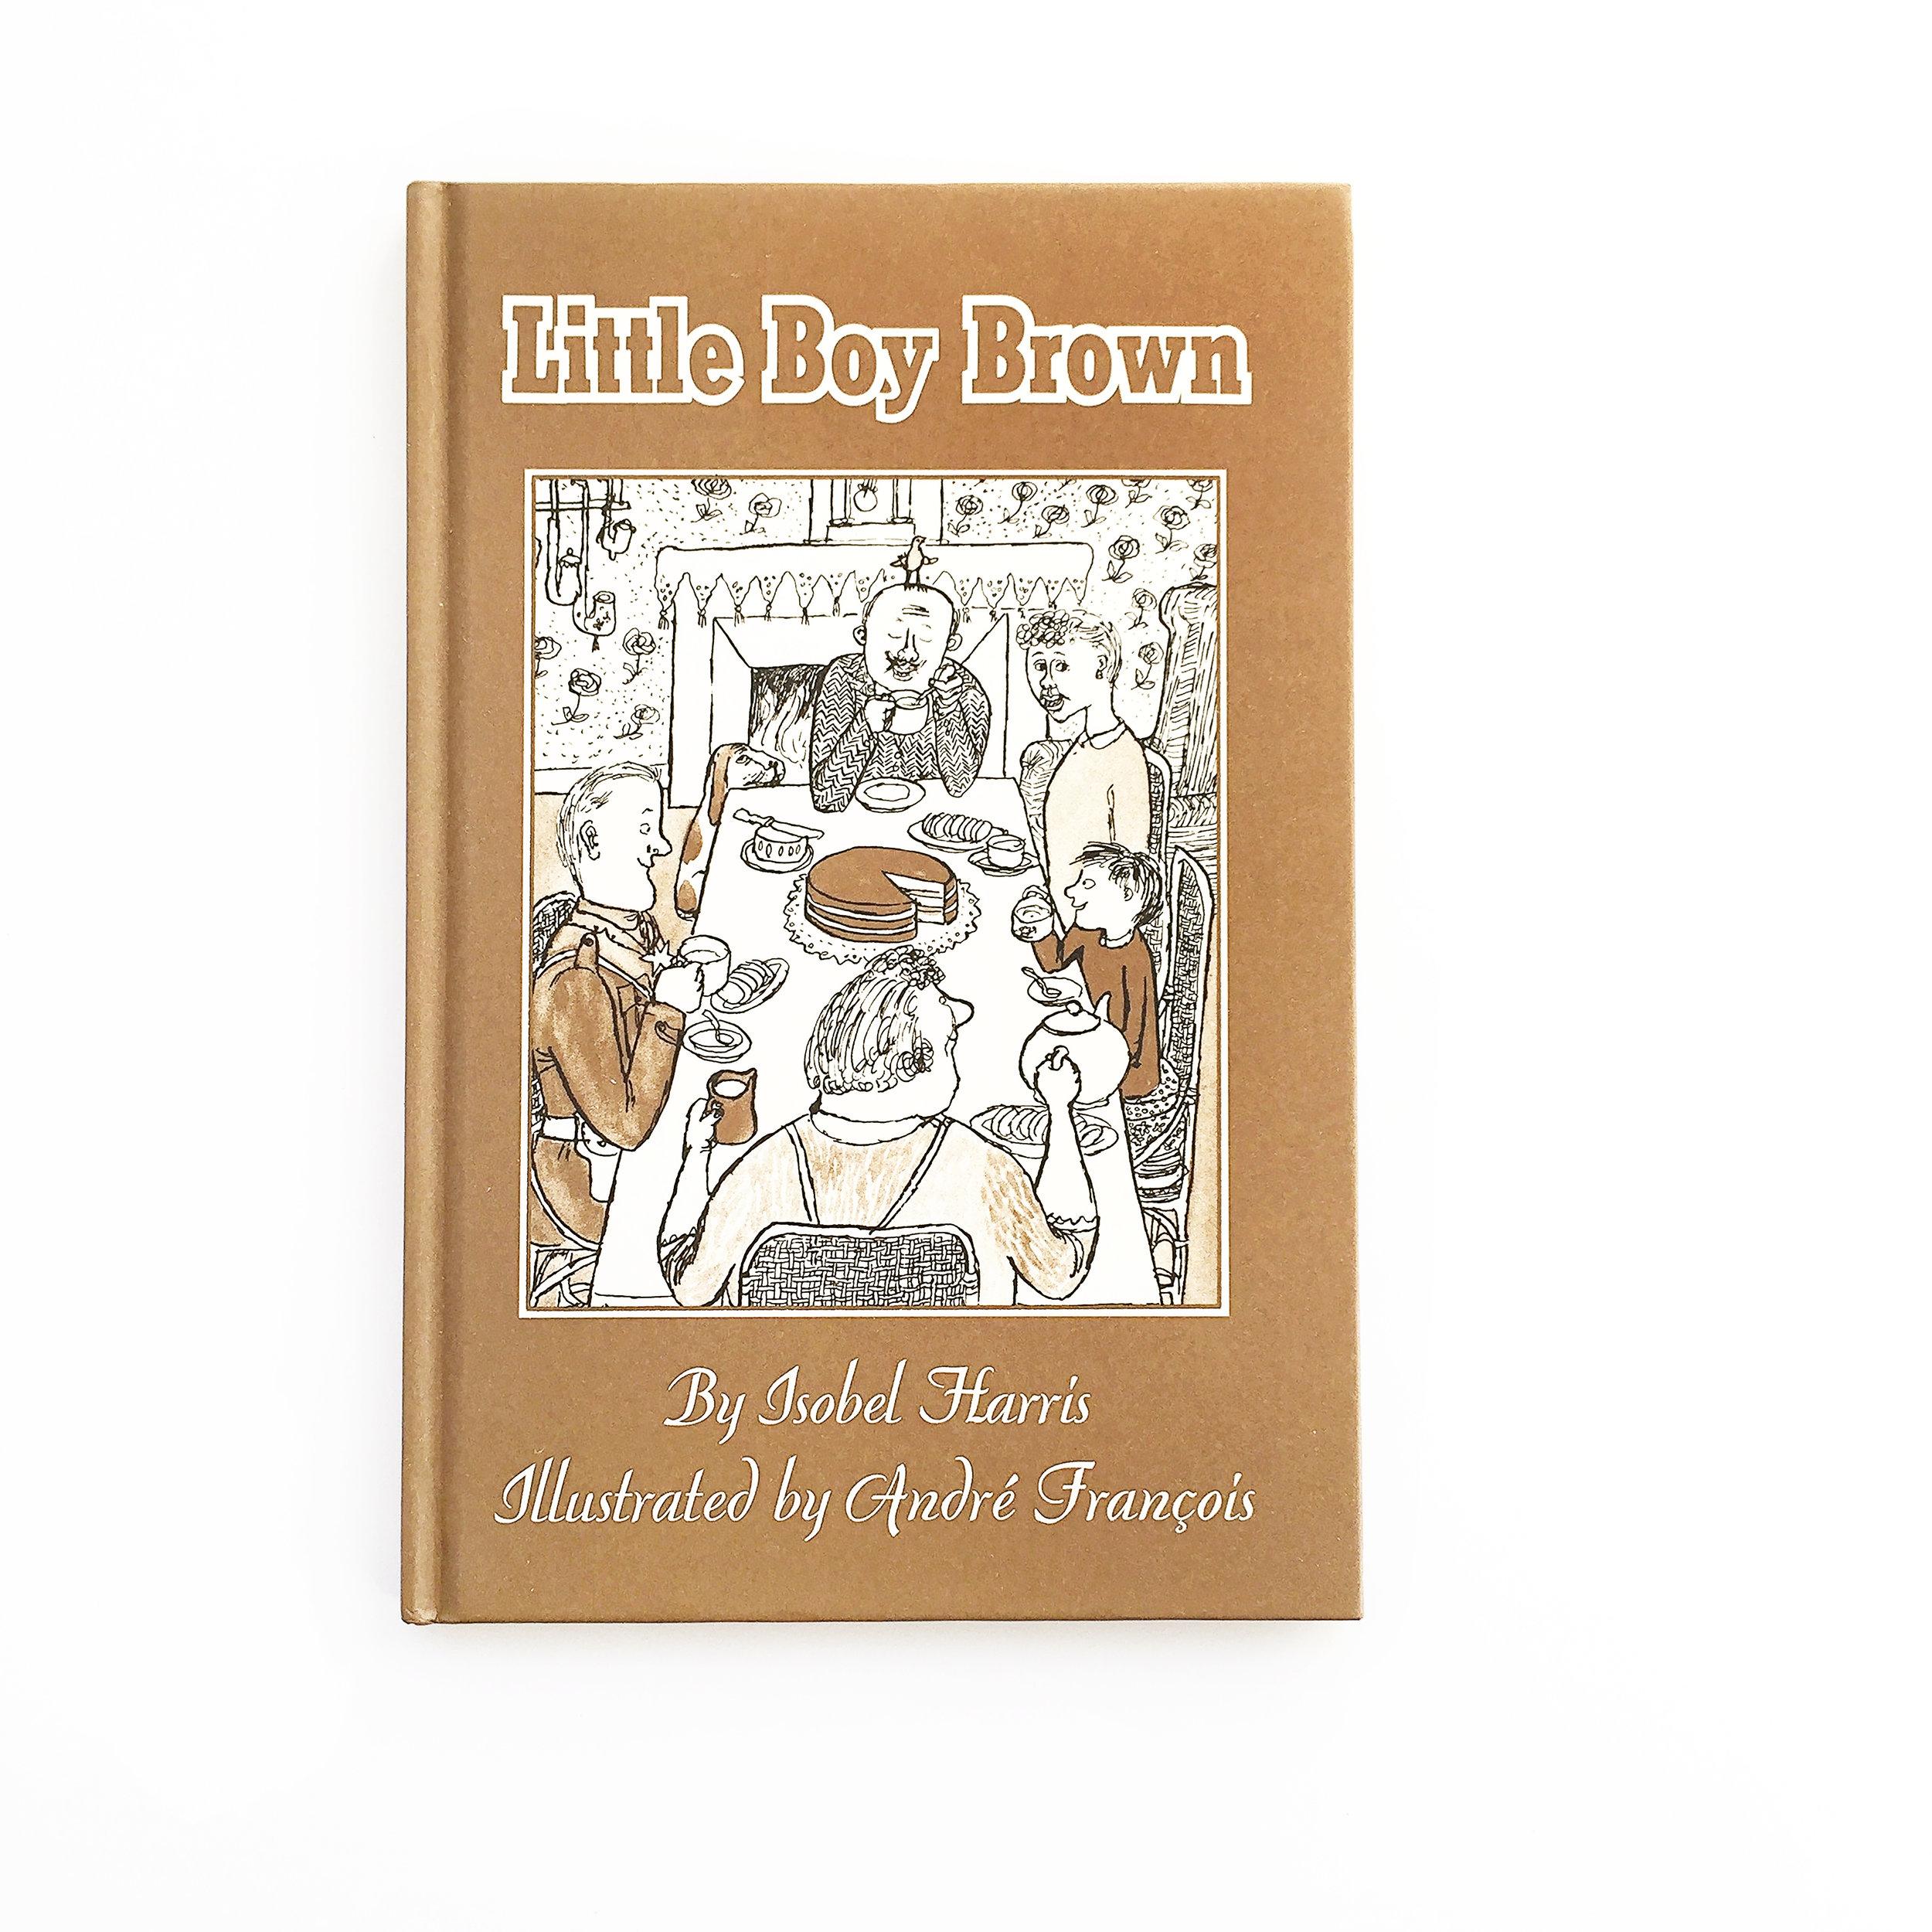 Little Boy Brown | Little Lit Book Series